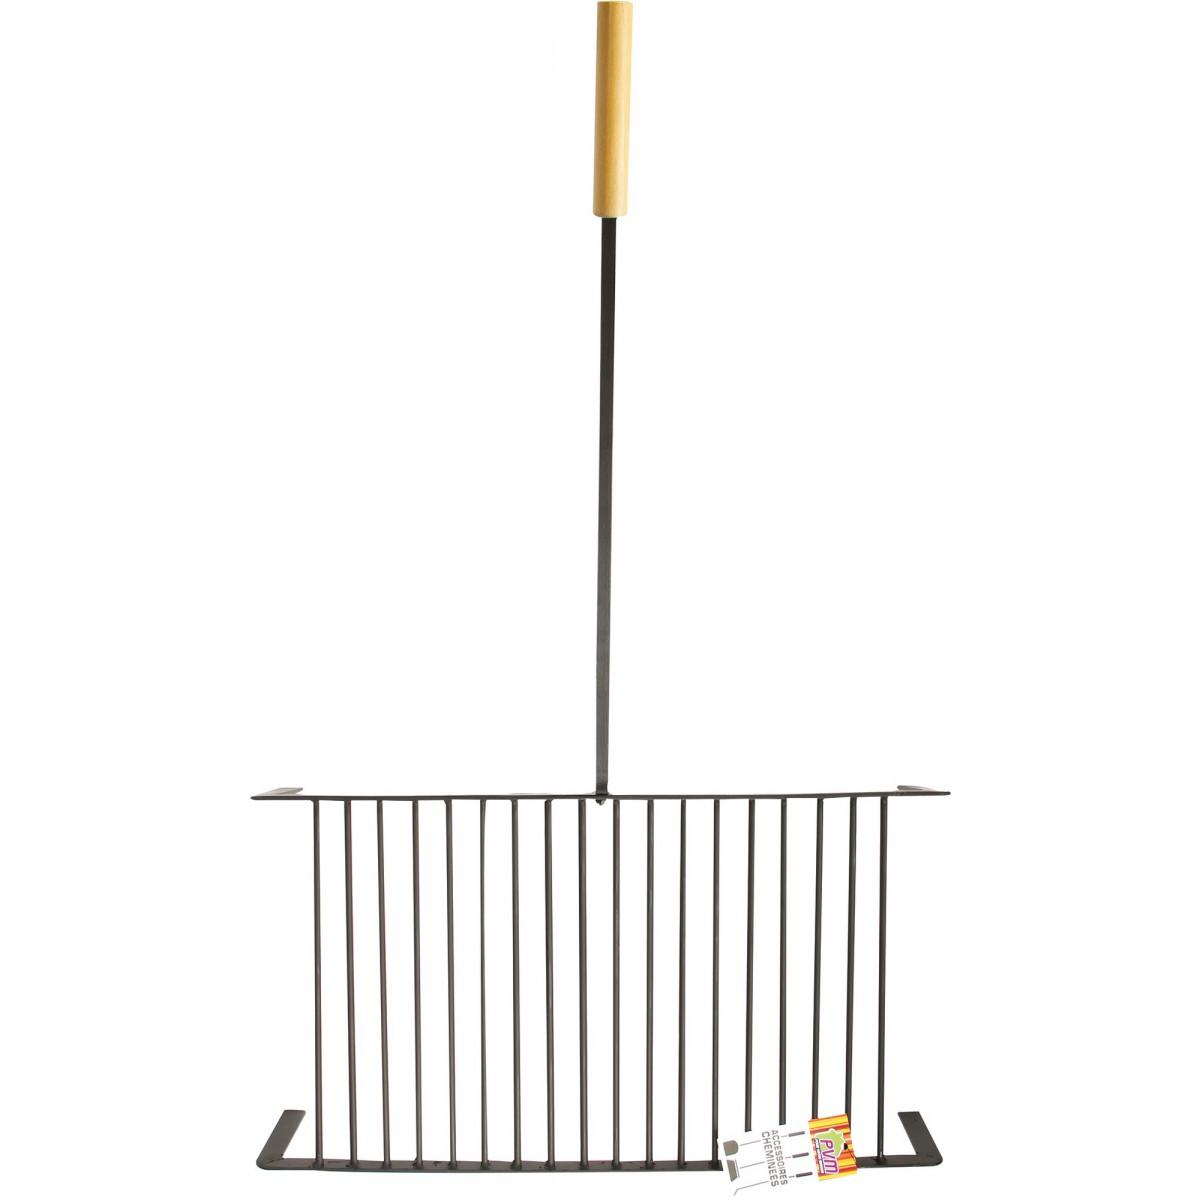 Grille acier forgé PVM - Longueur grille seule 25 cm - Largeur 28 cm